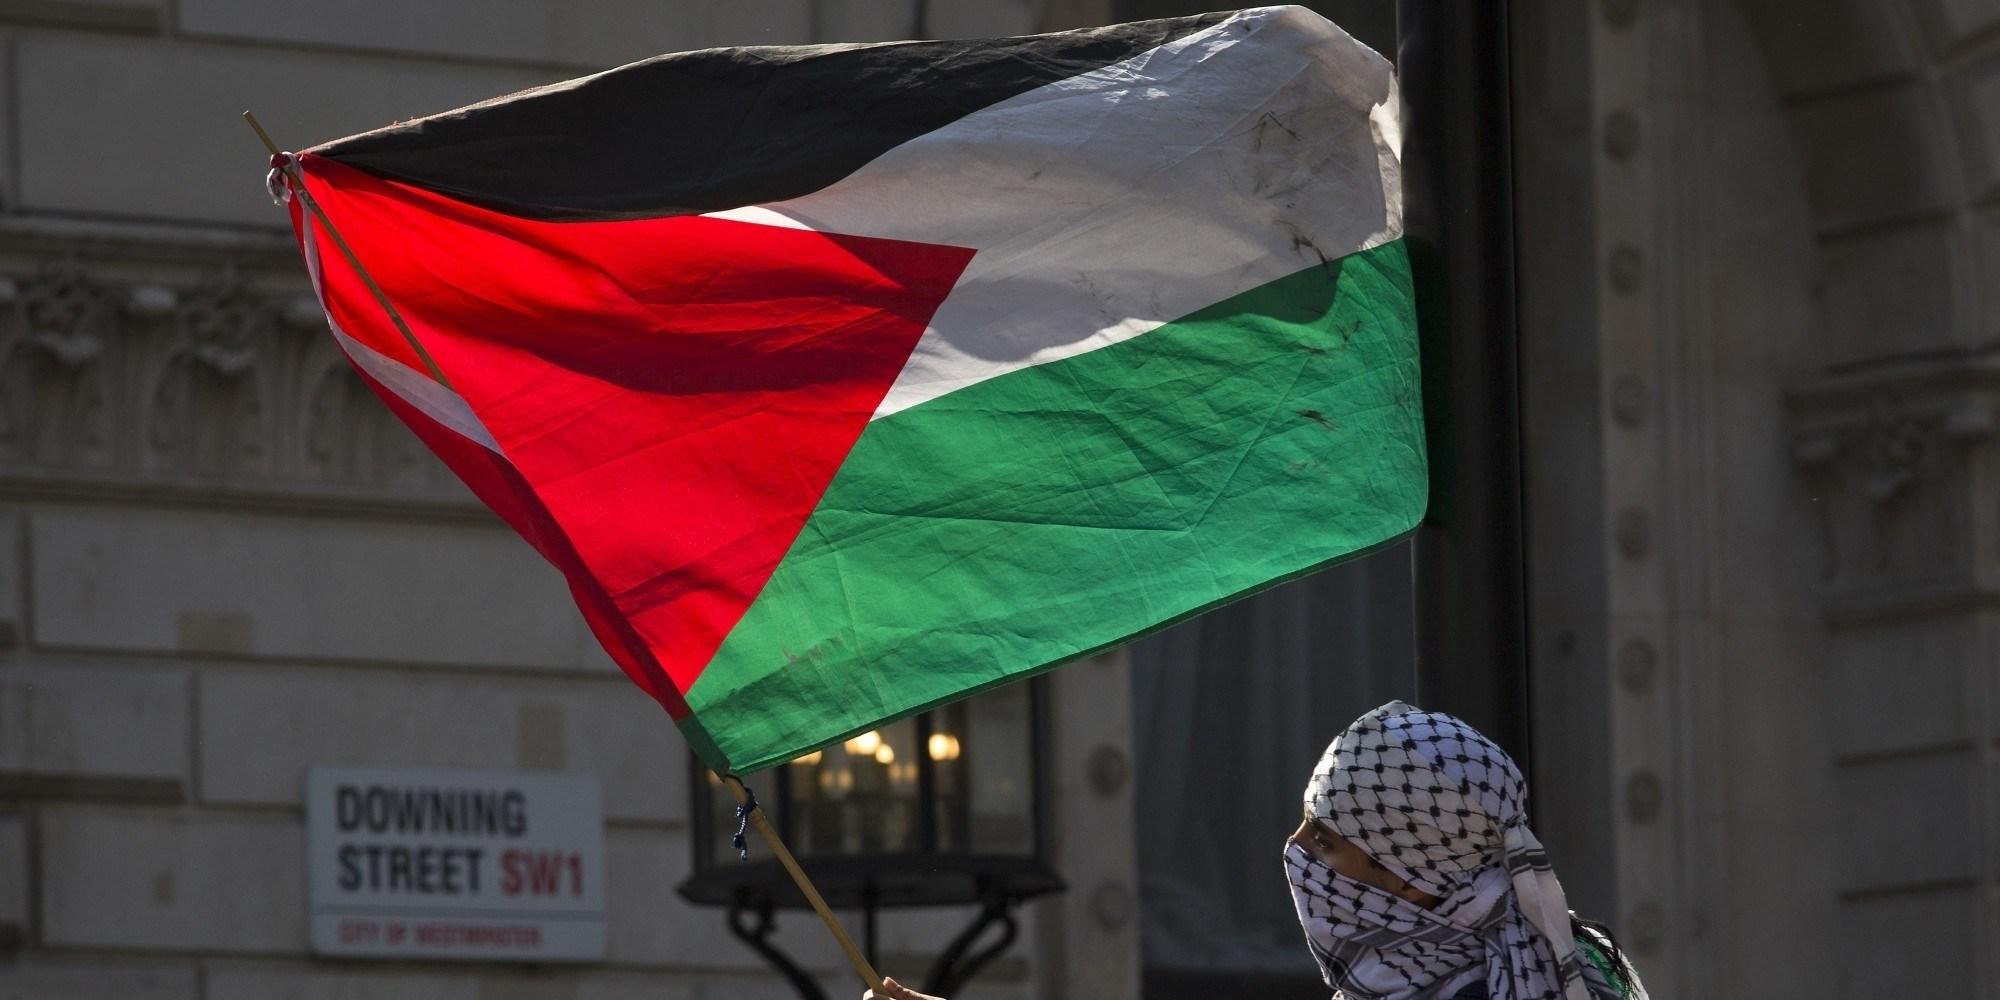 بدء فعاليات المقاومة الشعبية في فلسطين والعالم